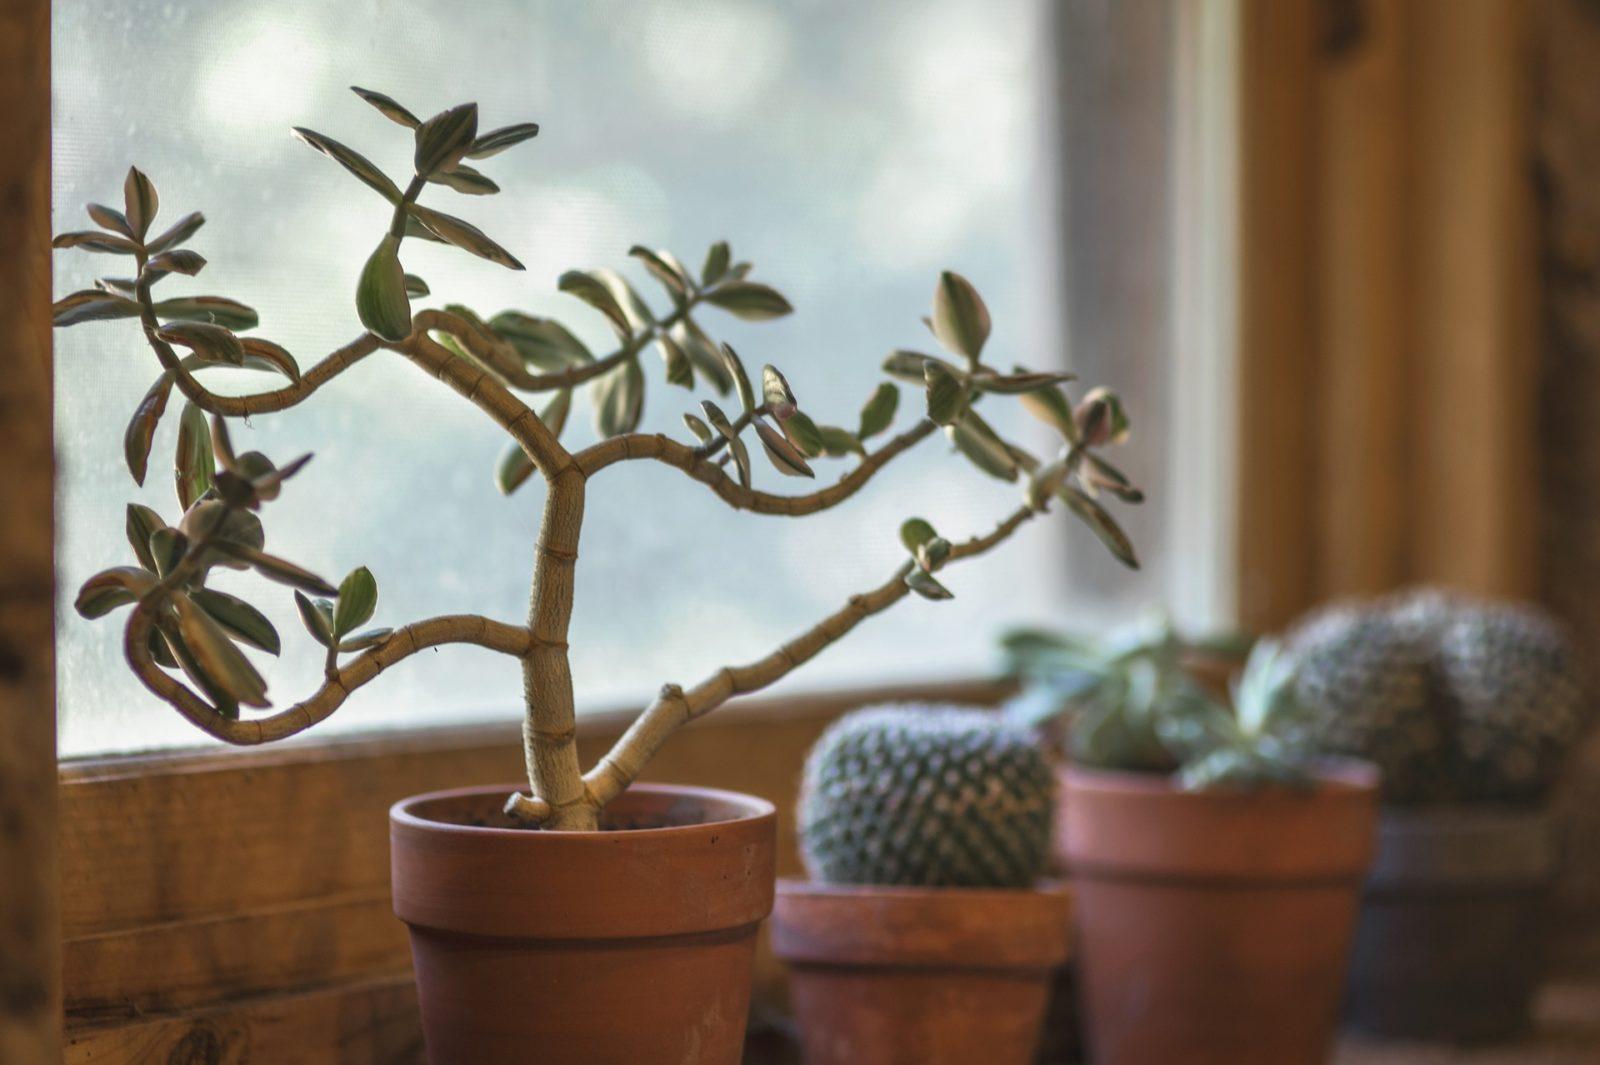 pierwsza roślina